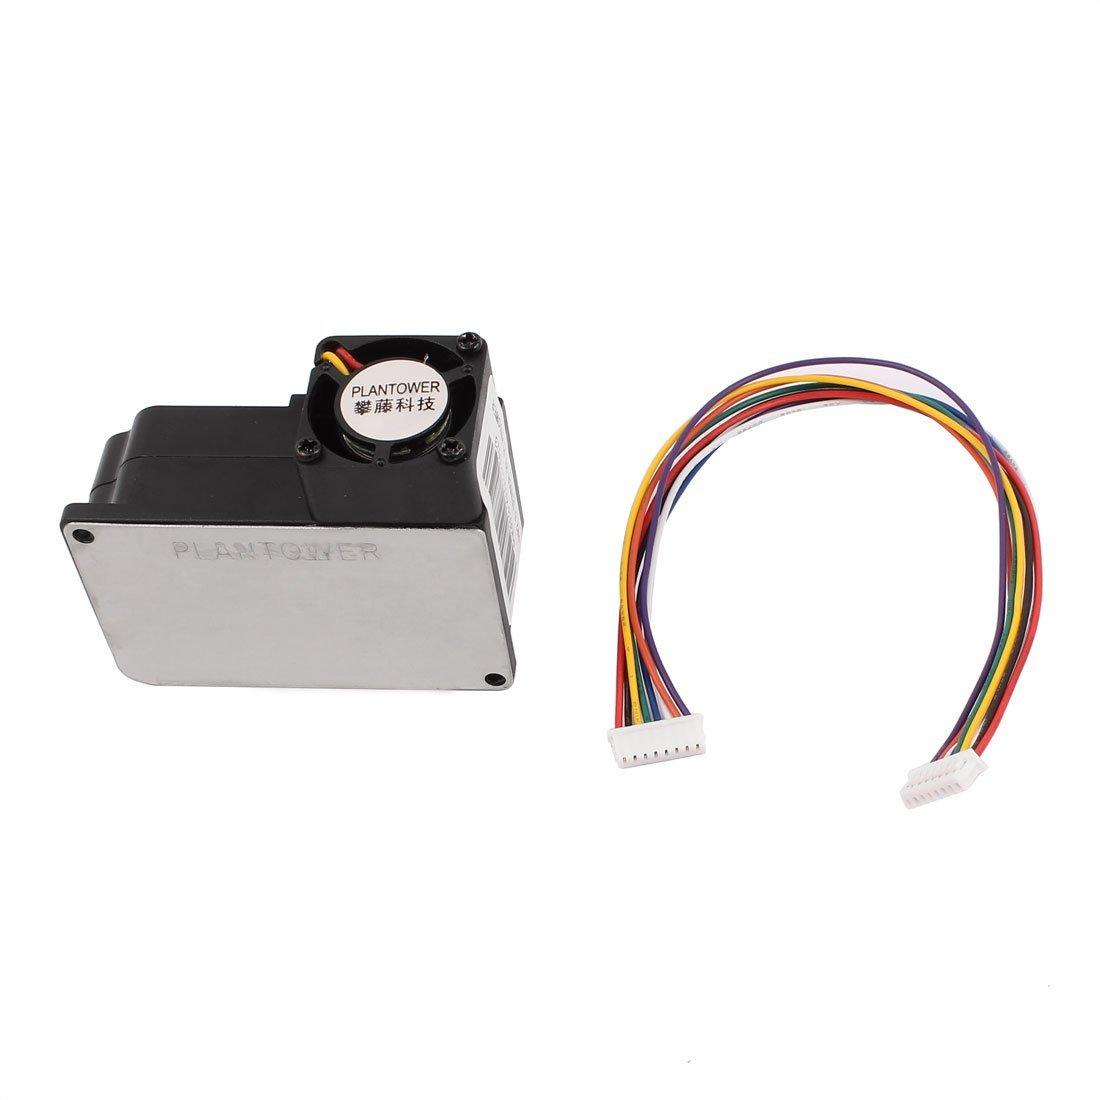 DealMux Laser Dust Sensor Module Dust Detector Air Purifier PM1.0 PM2.5 PM10: Amazon.com: Industrial & Scientific